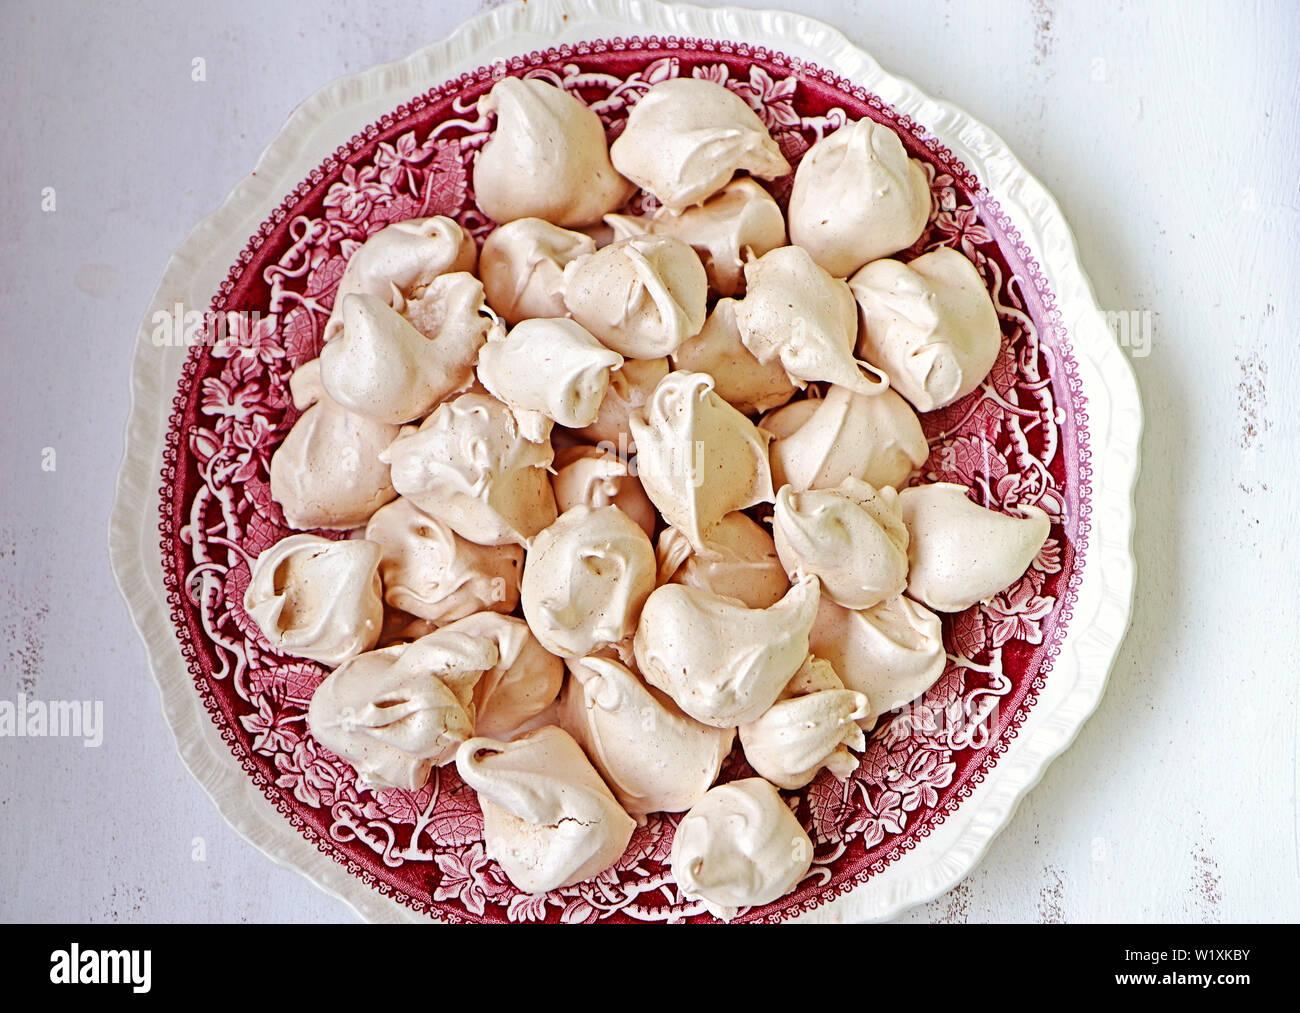 In casa meringhe cannella e vaniglia aromatizzati su un vintage piastra ceramica, deliziosi dessert, vista dall'alto Foto Stock